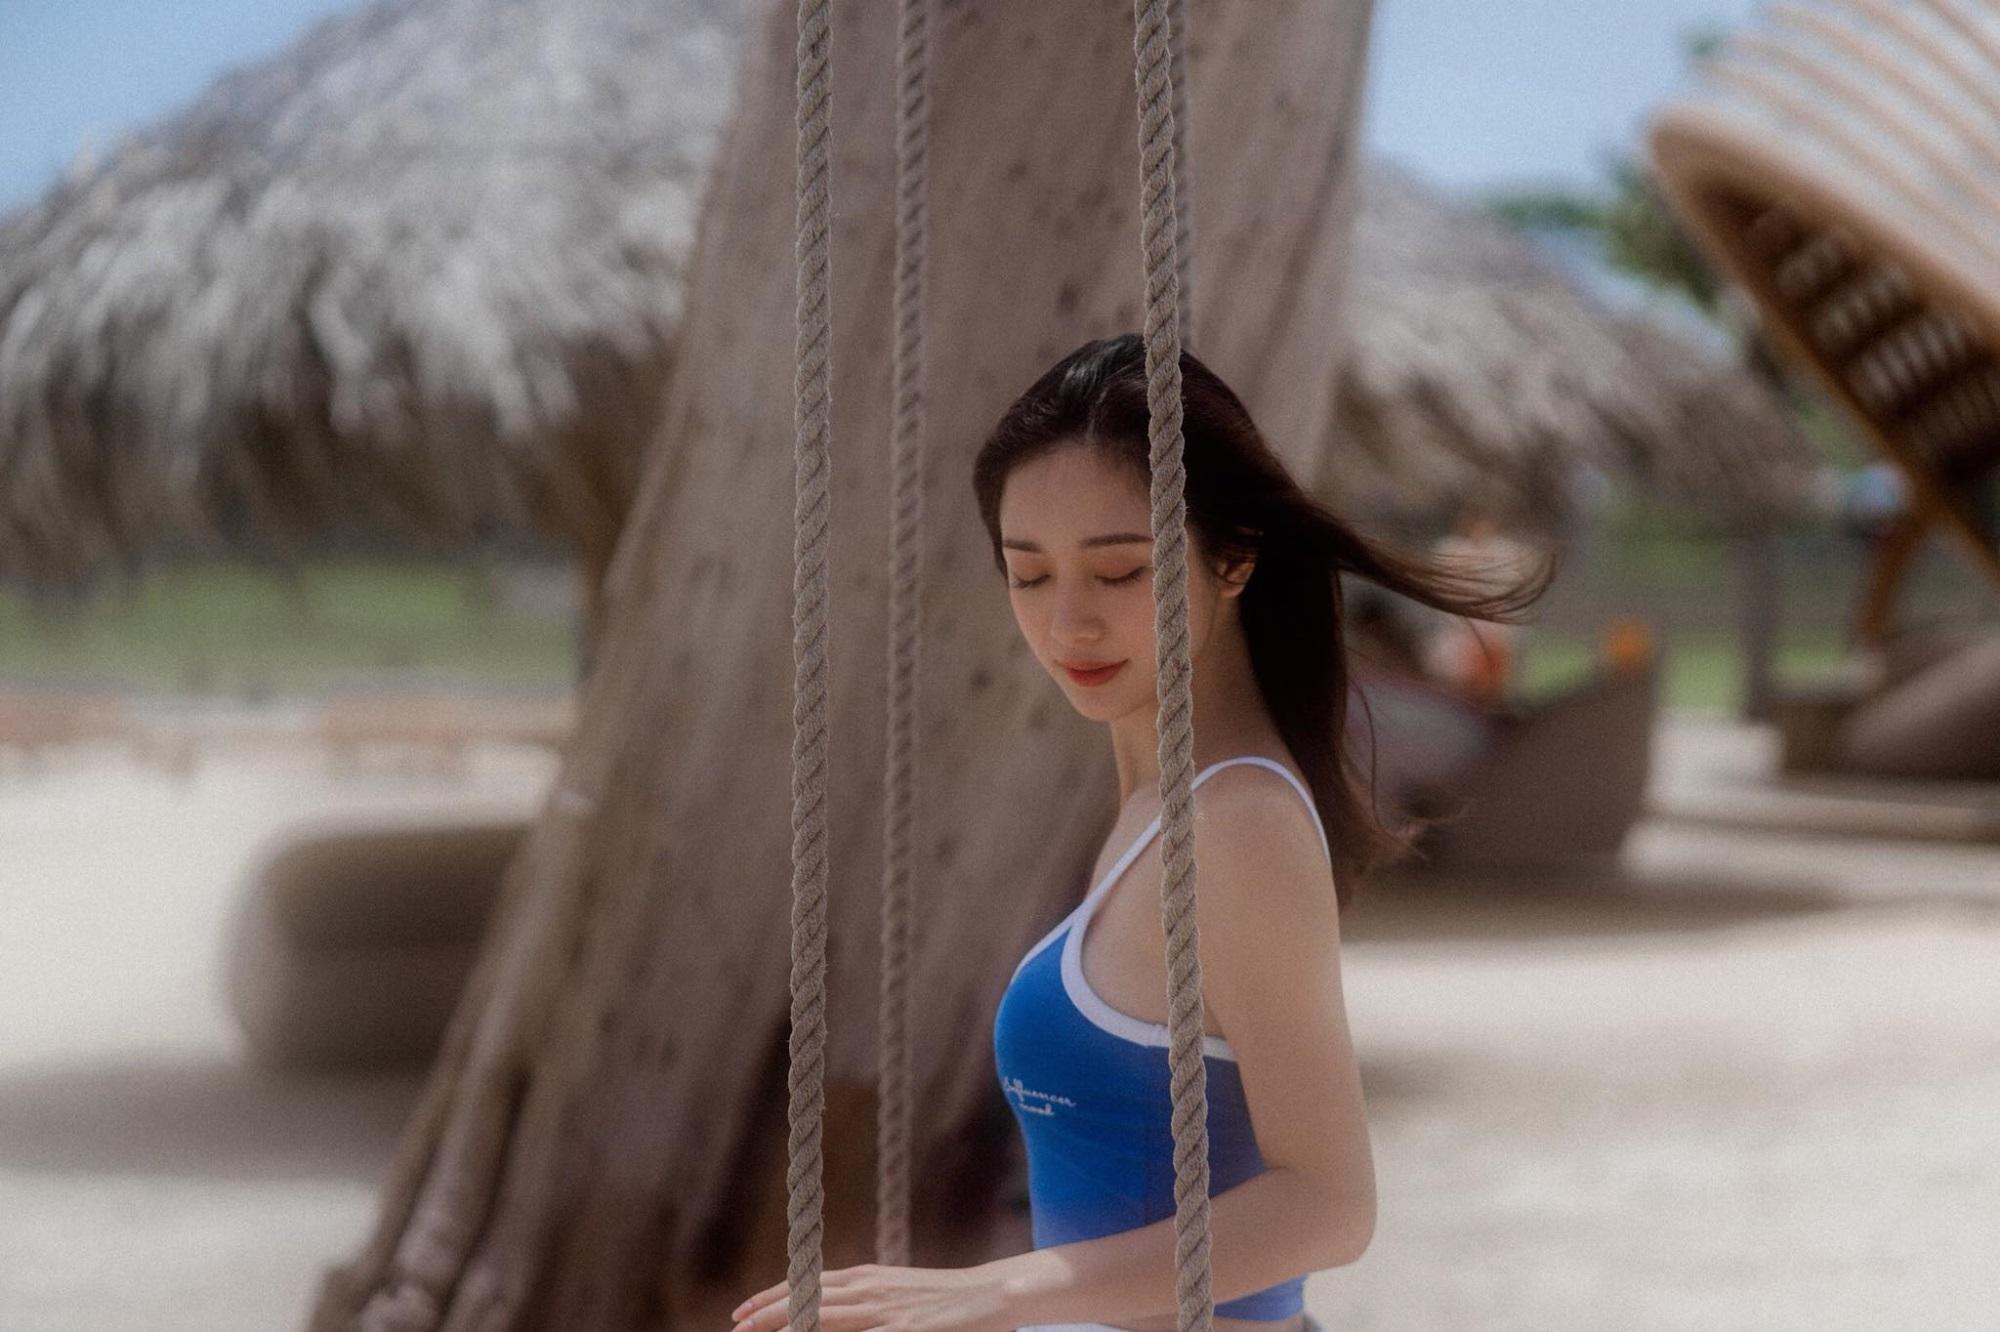 Jun Vũ khoe ngực đầy trong bộ ảnh 'đẹp miễn chê' ở Phú Quốc - Ảnh 4